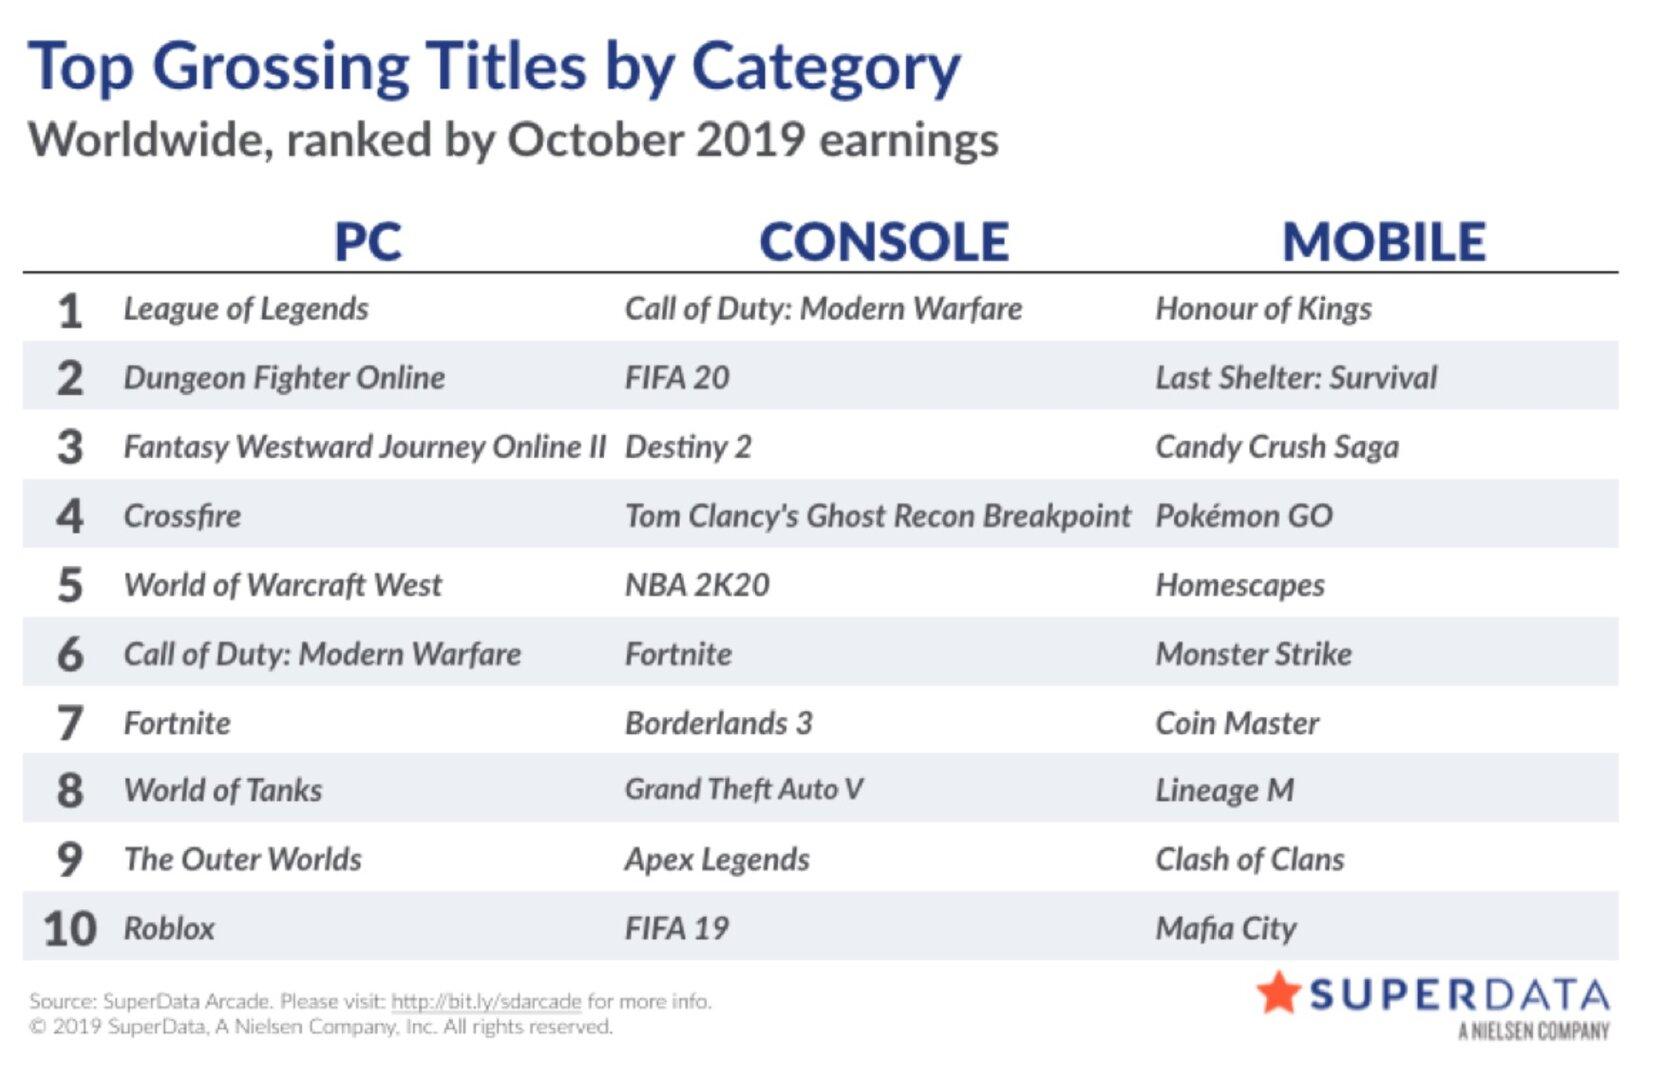 Liste der digital umsatzstärksten Videospiele im Oktober 2019